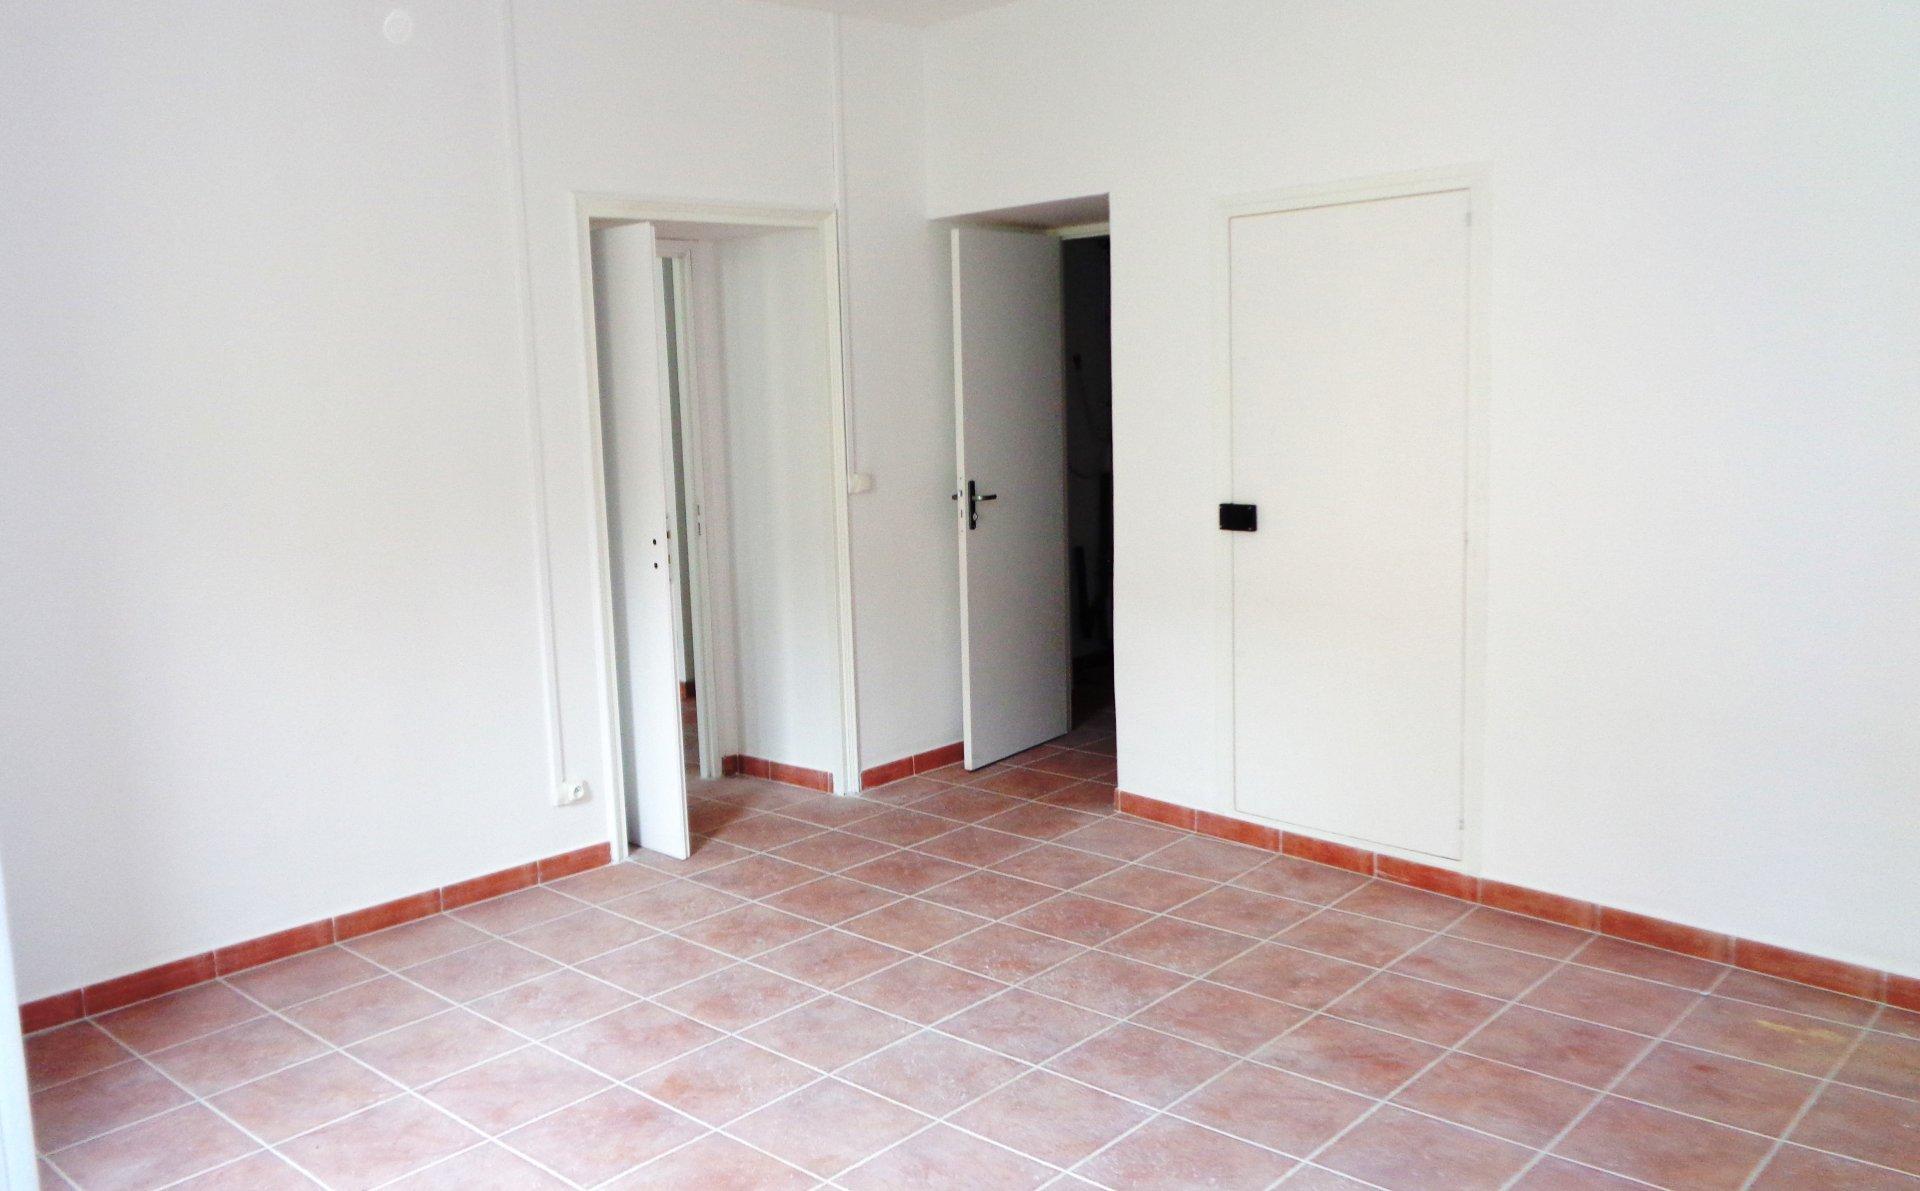 AUBAGNE - Spacieux appartement T2 à louer